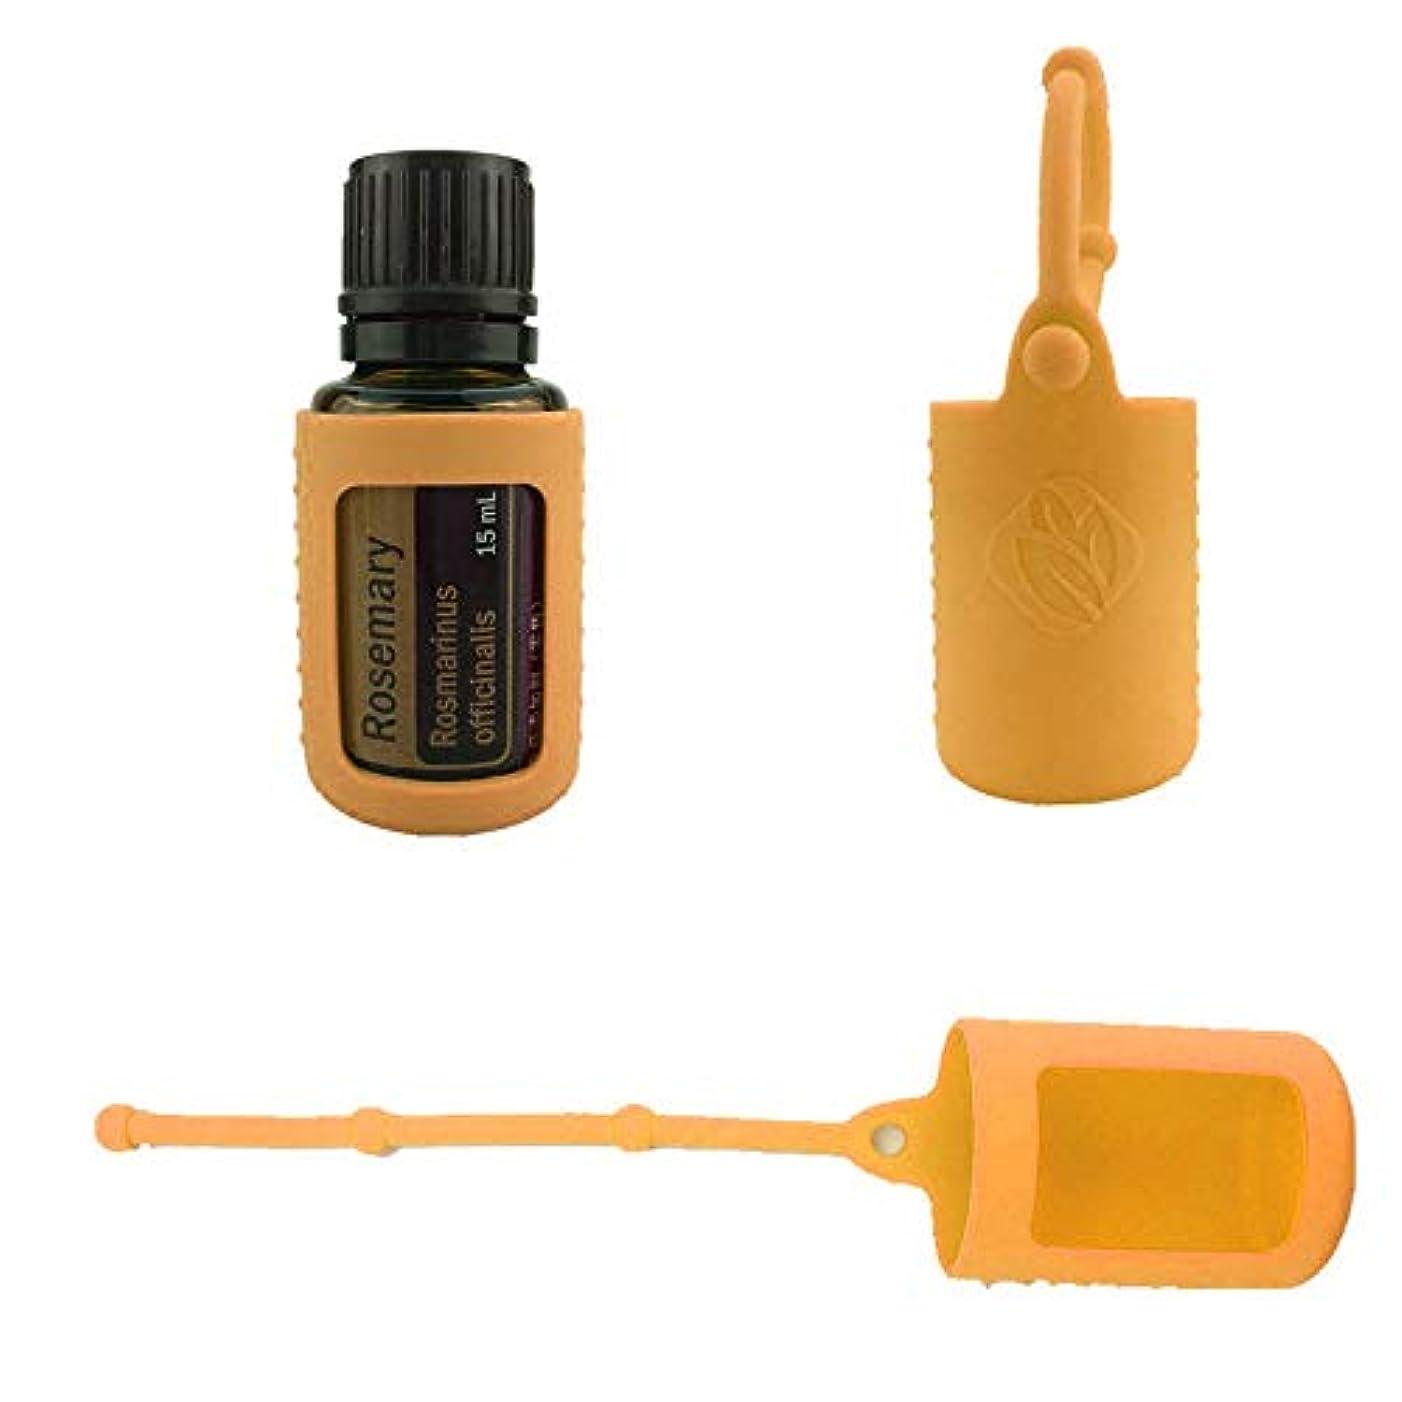 6パック熱望オイルボトルシリコンローラーボトルホルダースリーブエッセンシャルオイルボトル保護カバーケースハングロープ - オレンジ - 6-pcs 15ml